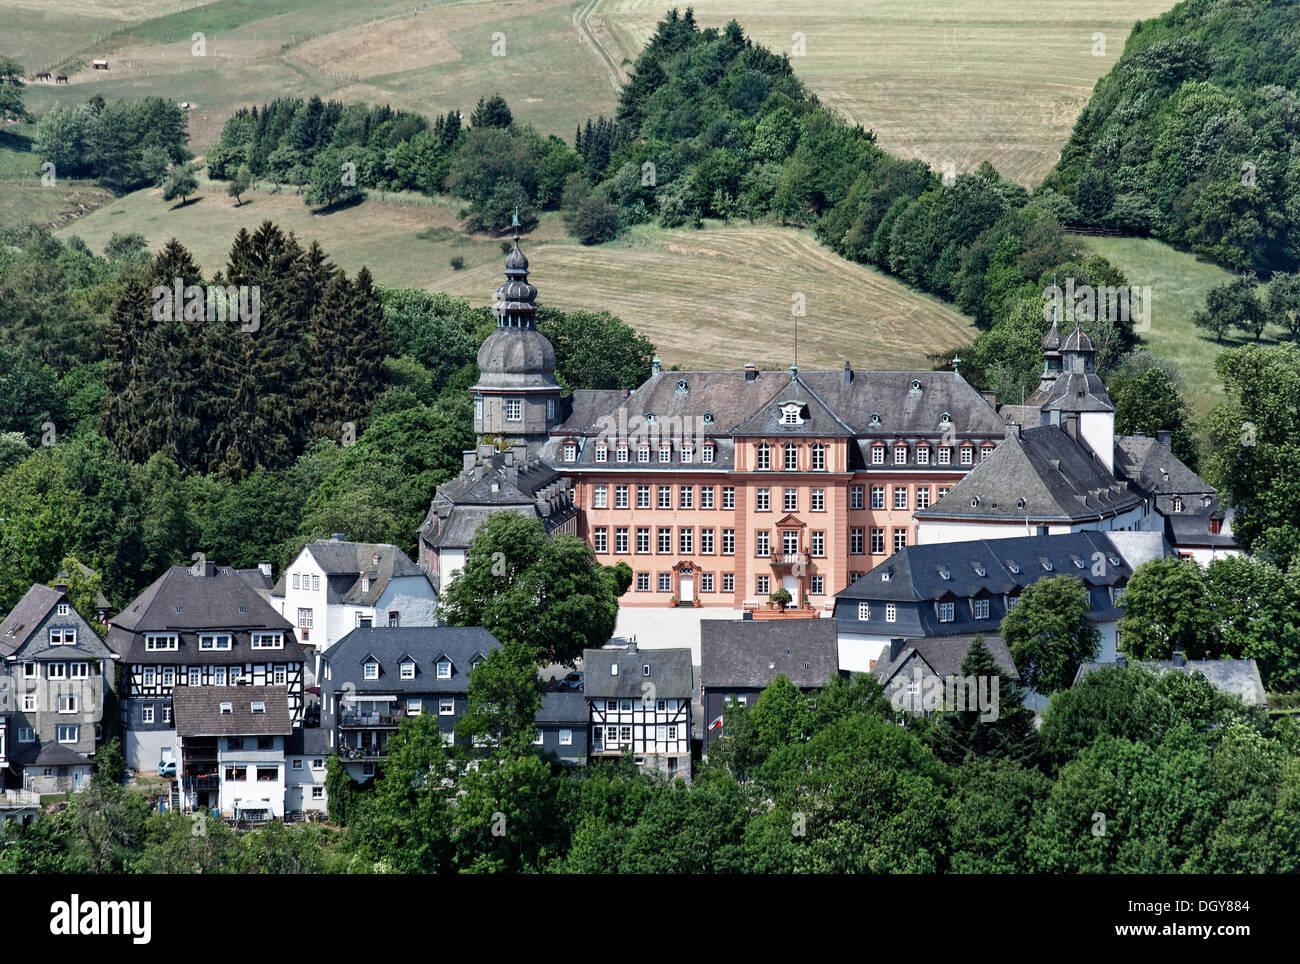 Schloss Berleburg Stock Photos & Schloss Berleburg Stock Images - Alamy